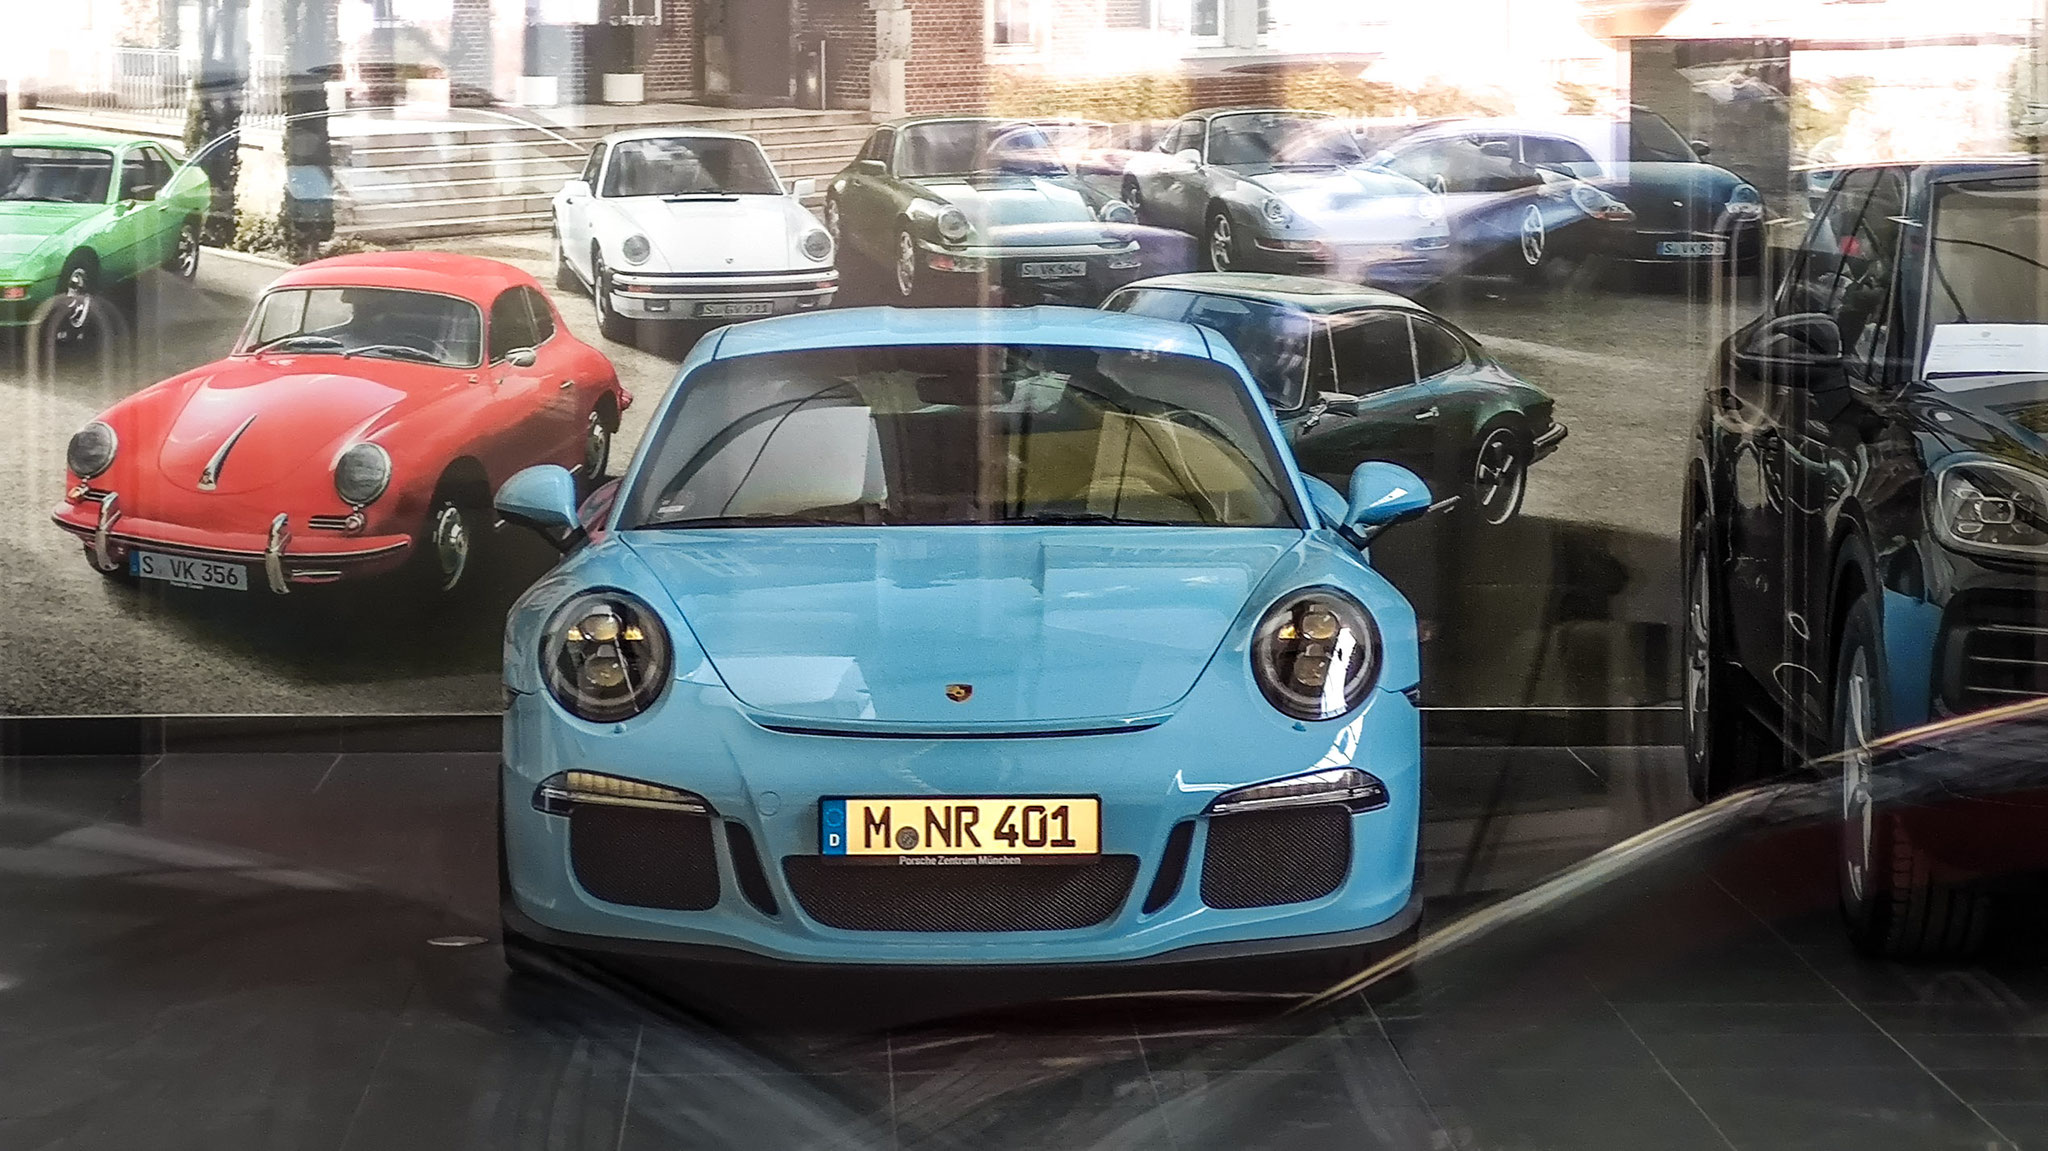 Porsche 911 R - M-NR-401